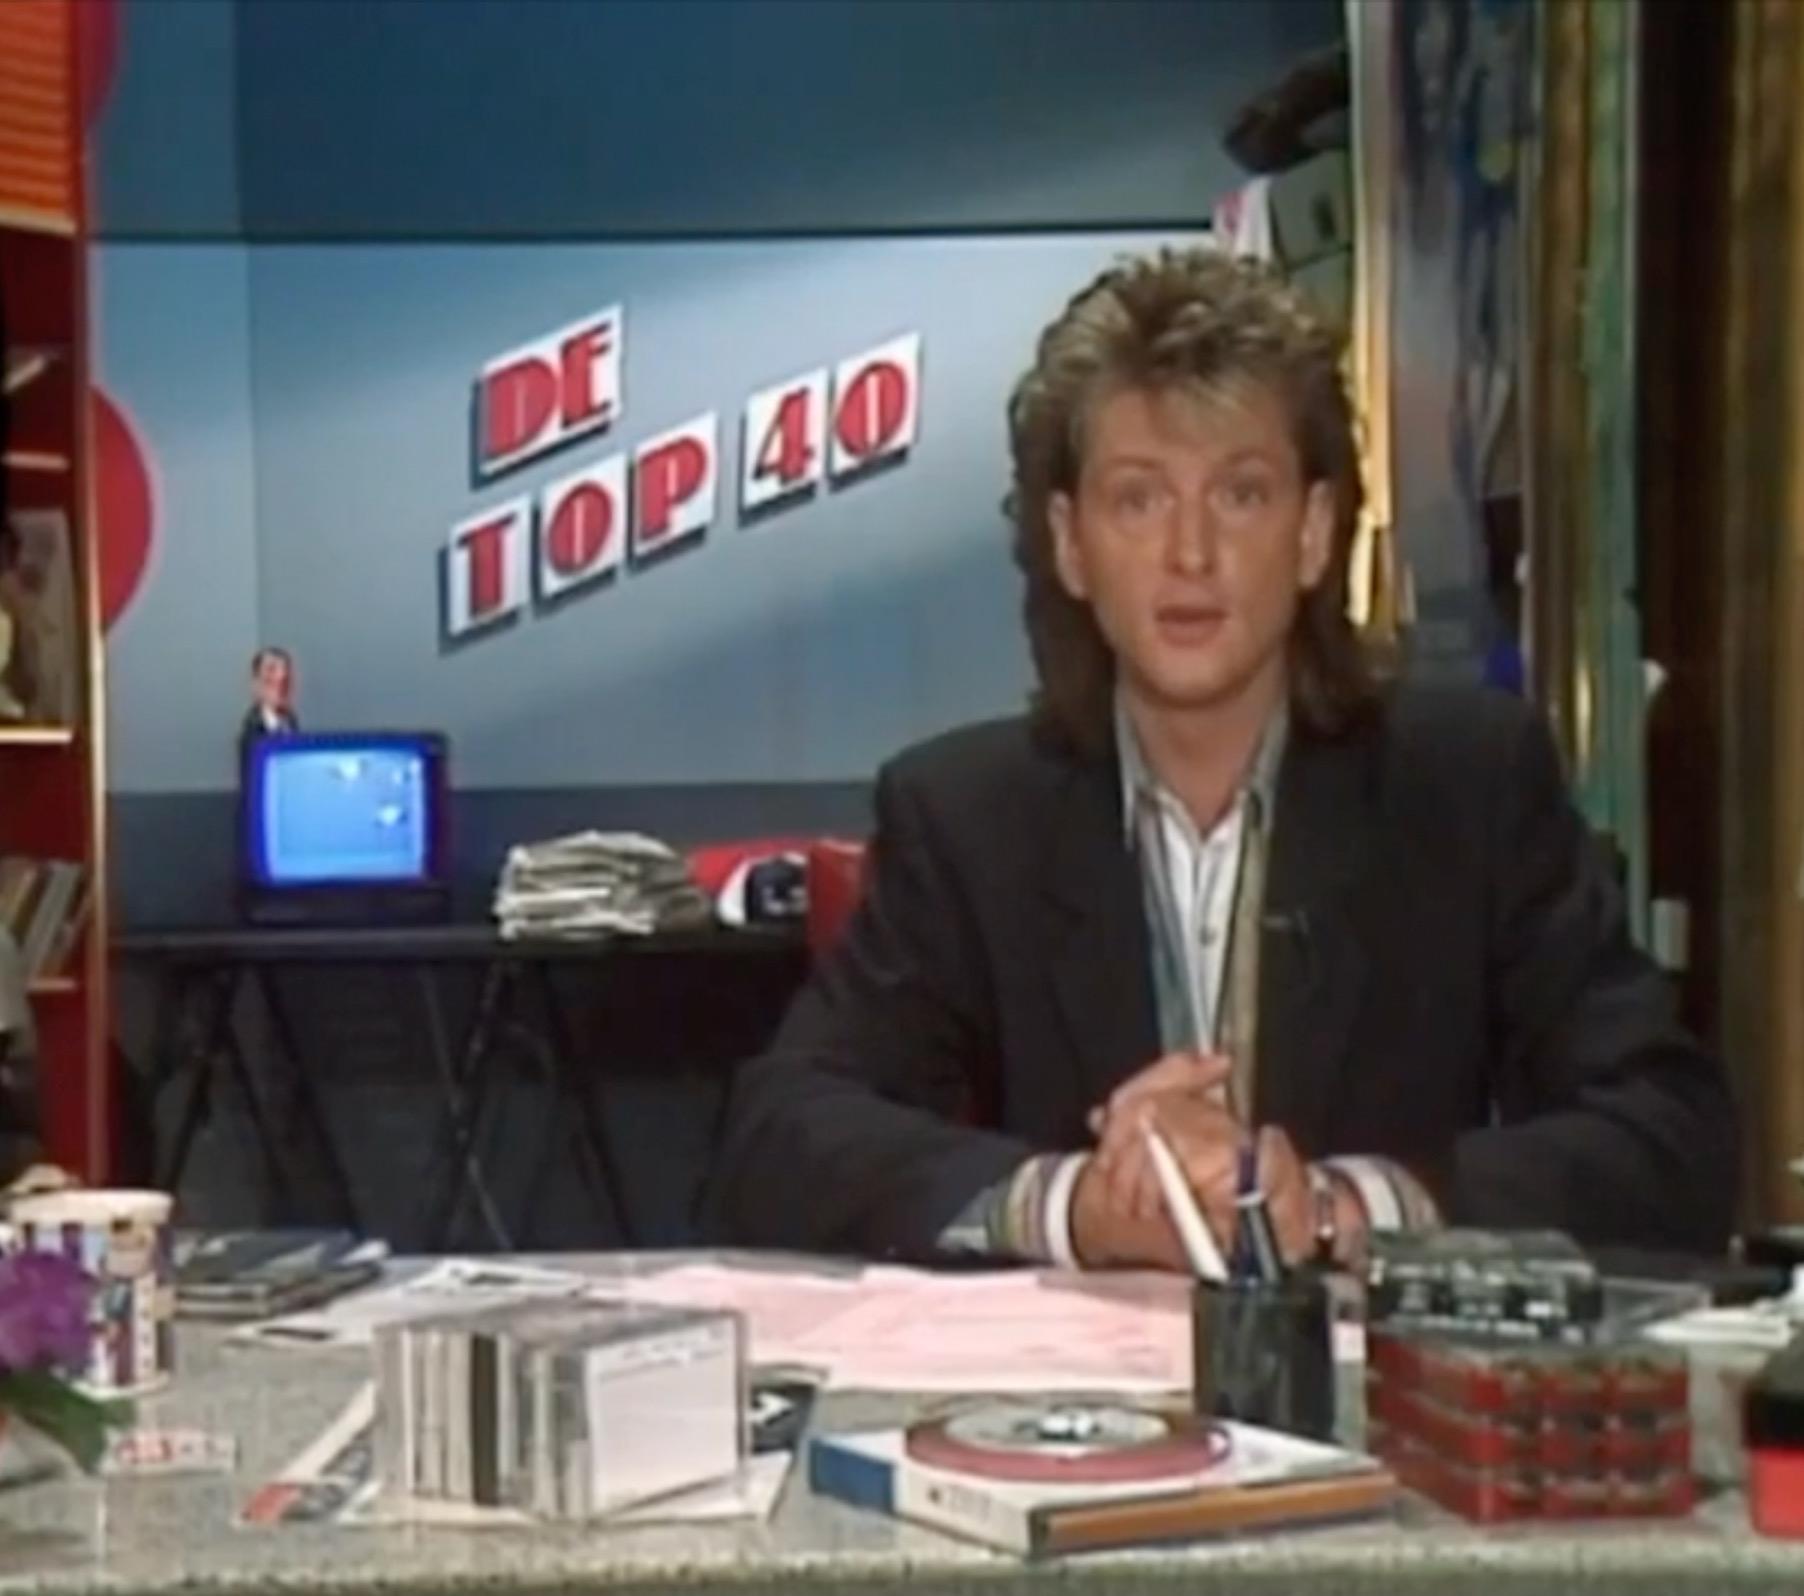 Erik de Zwart met de Top 40 op tv (Veronica)